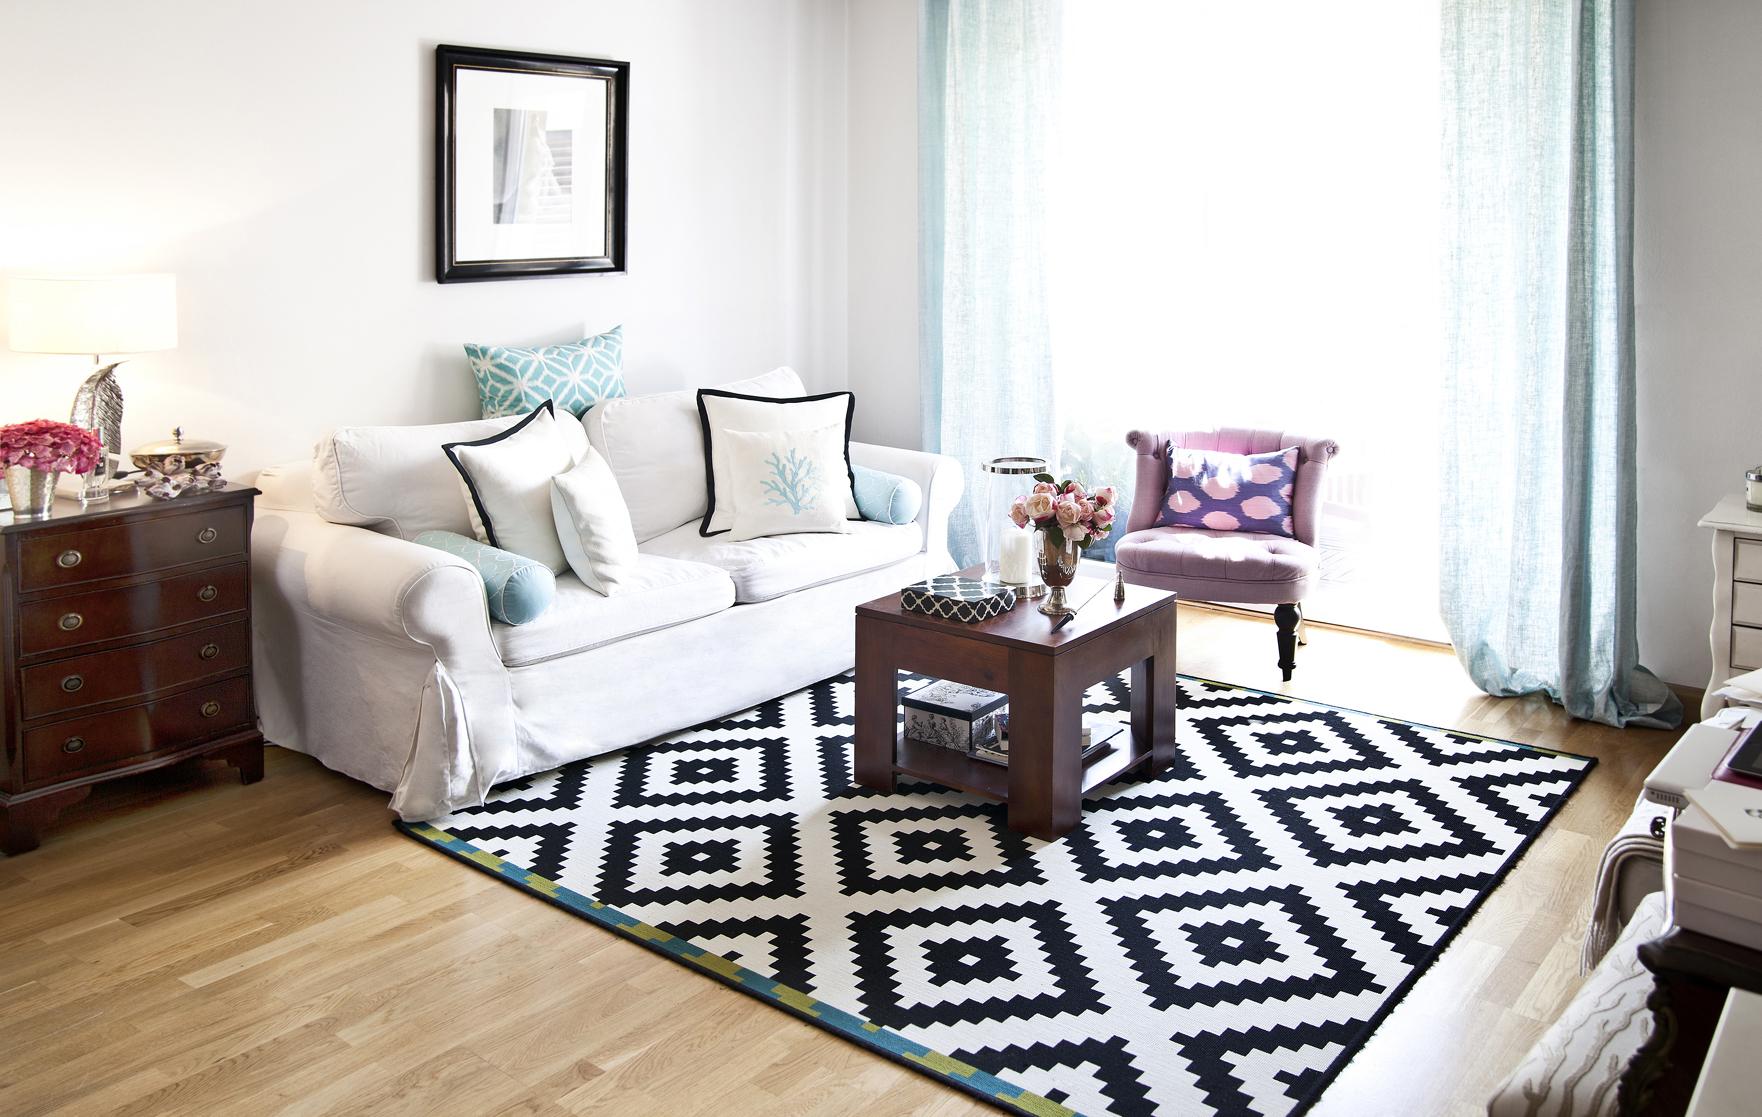 Alfombras confort total para el suelo de casa westwing - Alfombras cocina amazon ...